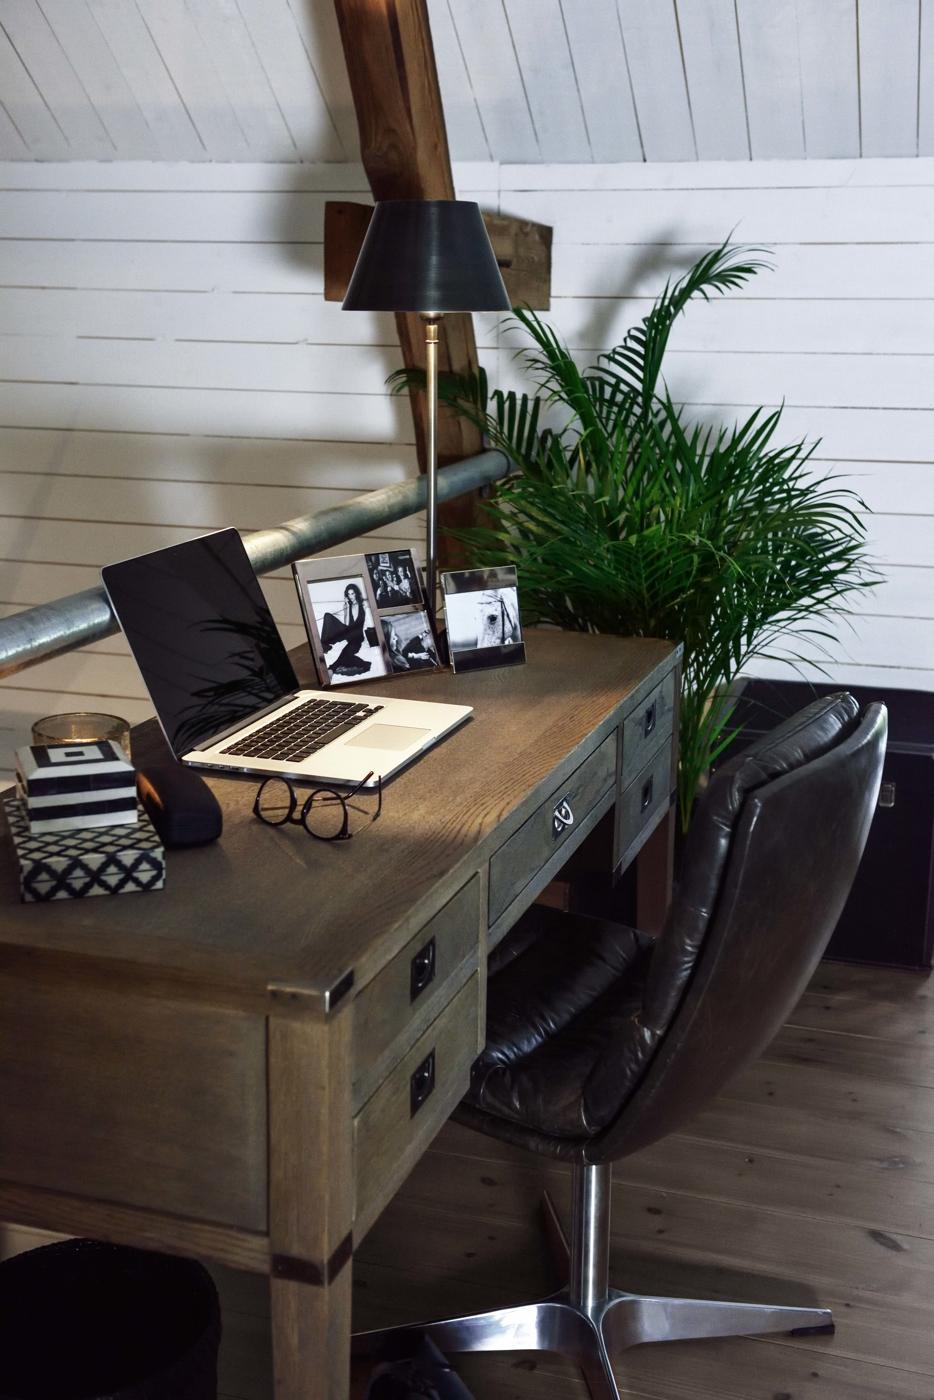 Artwood möbler och inredning finns hos Lilla soffbutiken